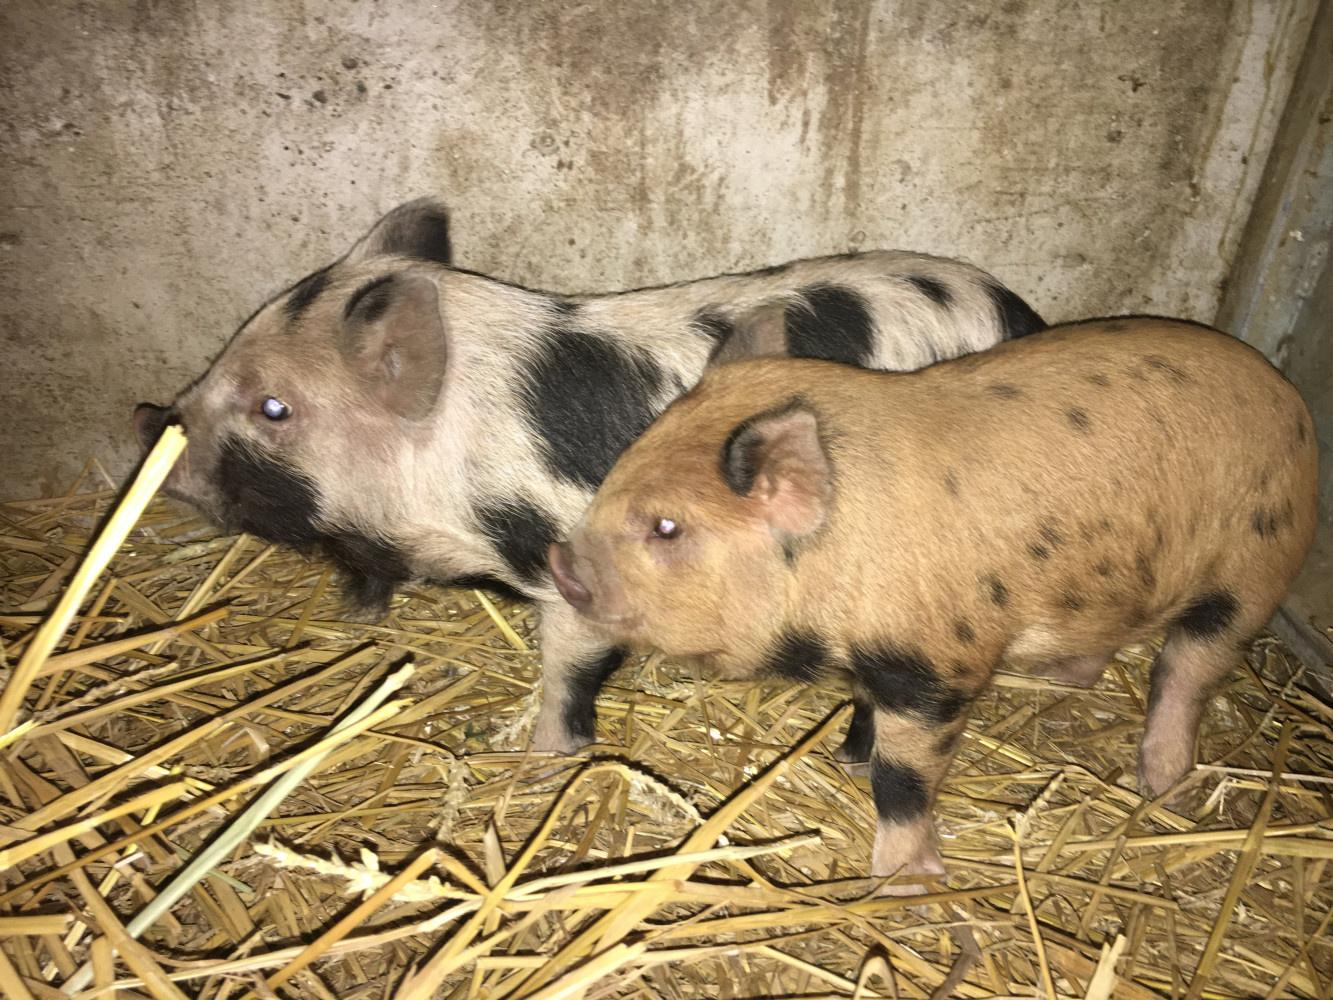 Winnie et Porcinet bébés